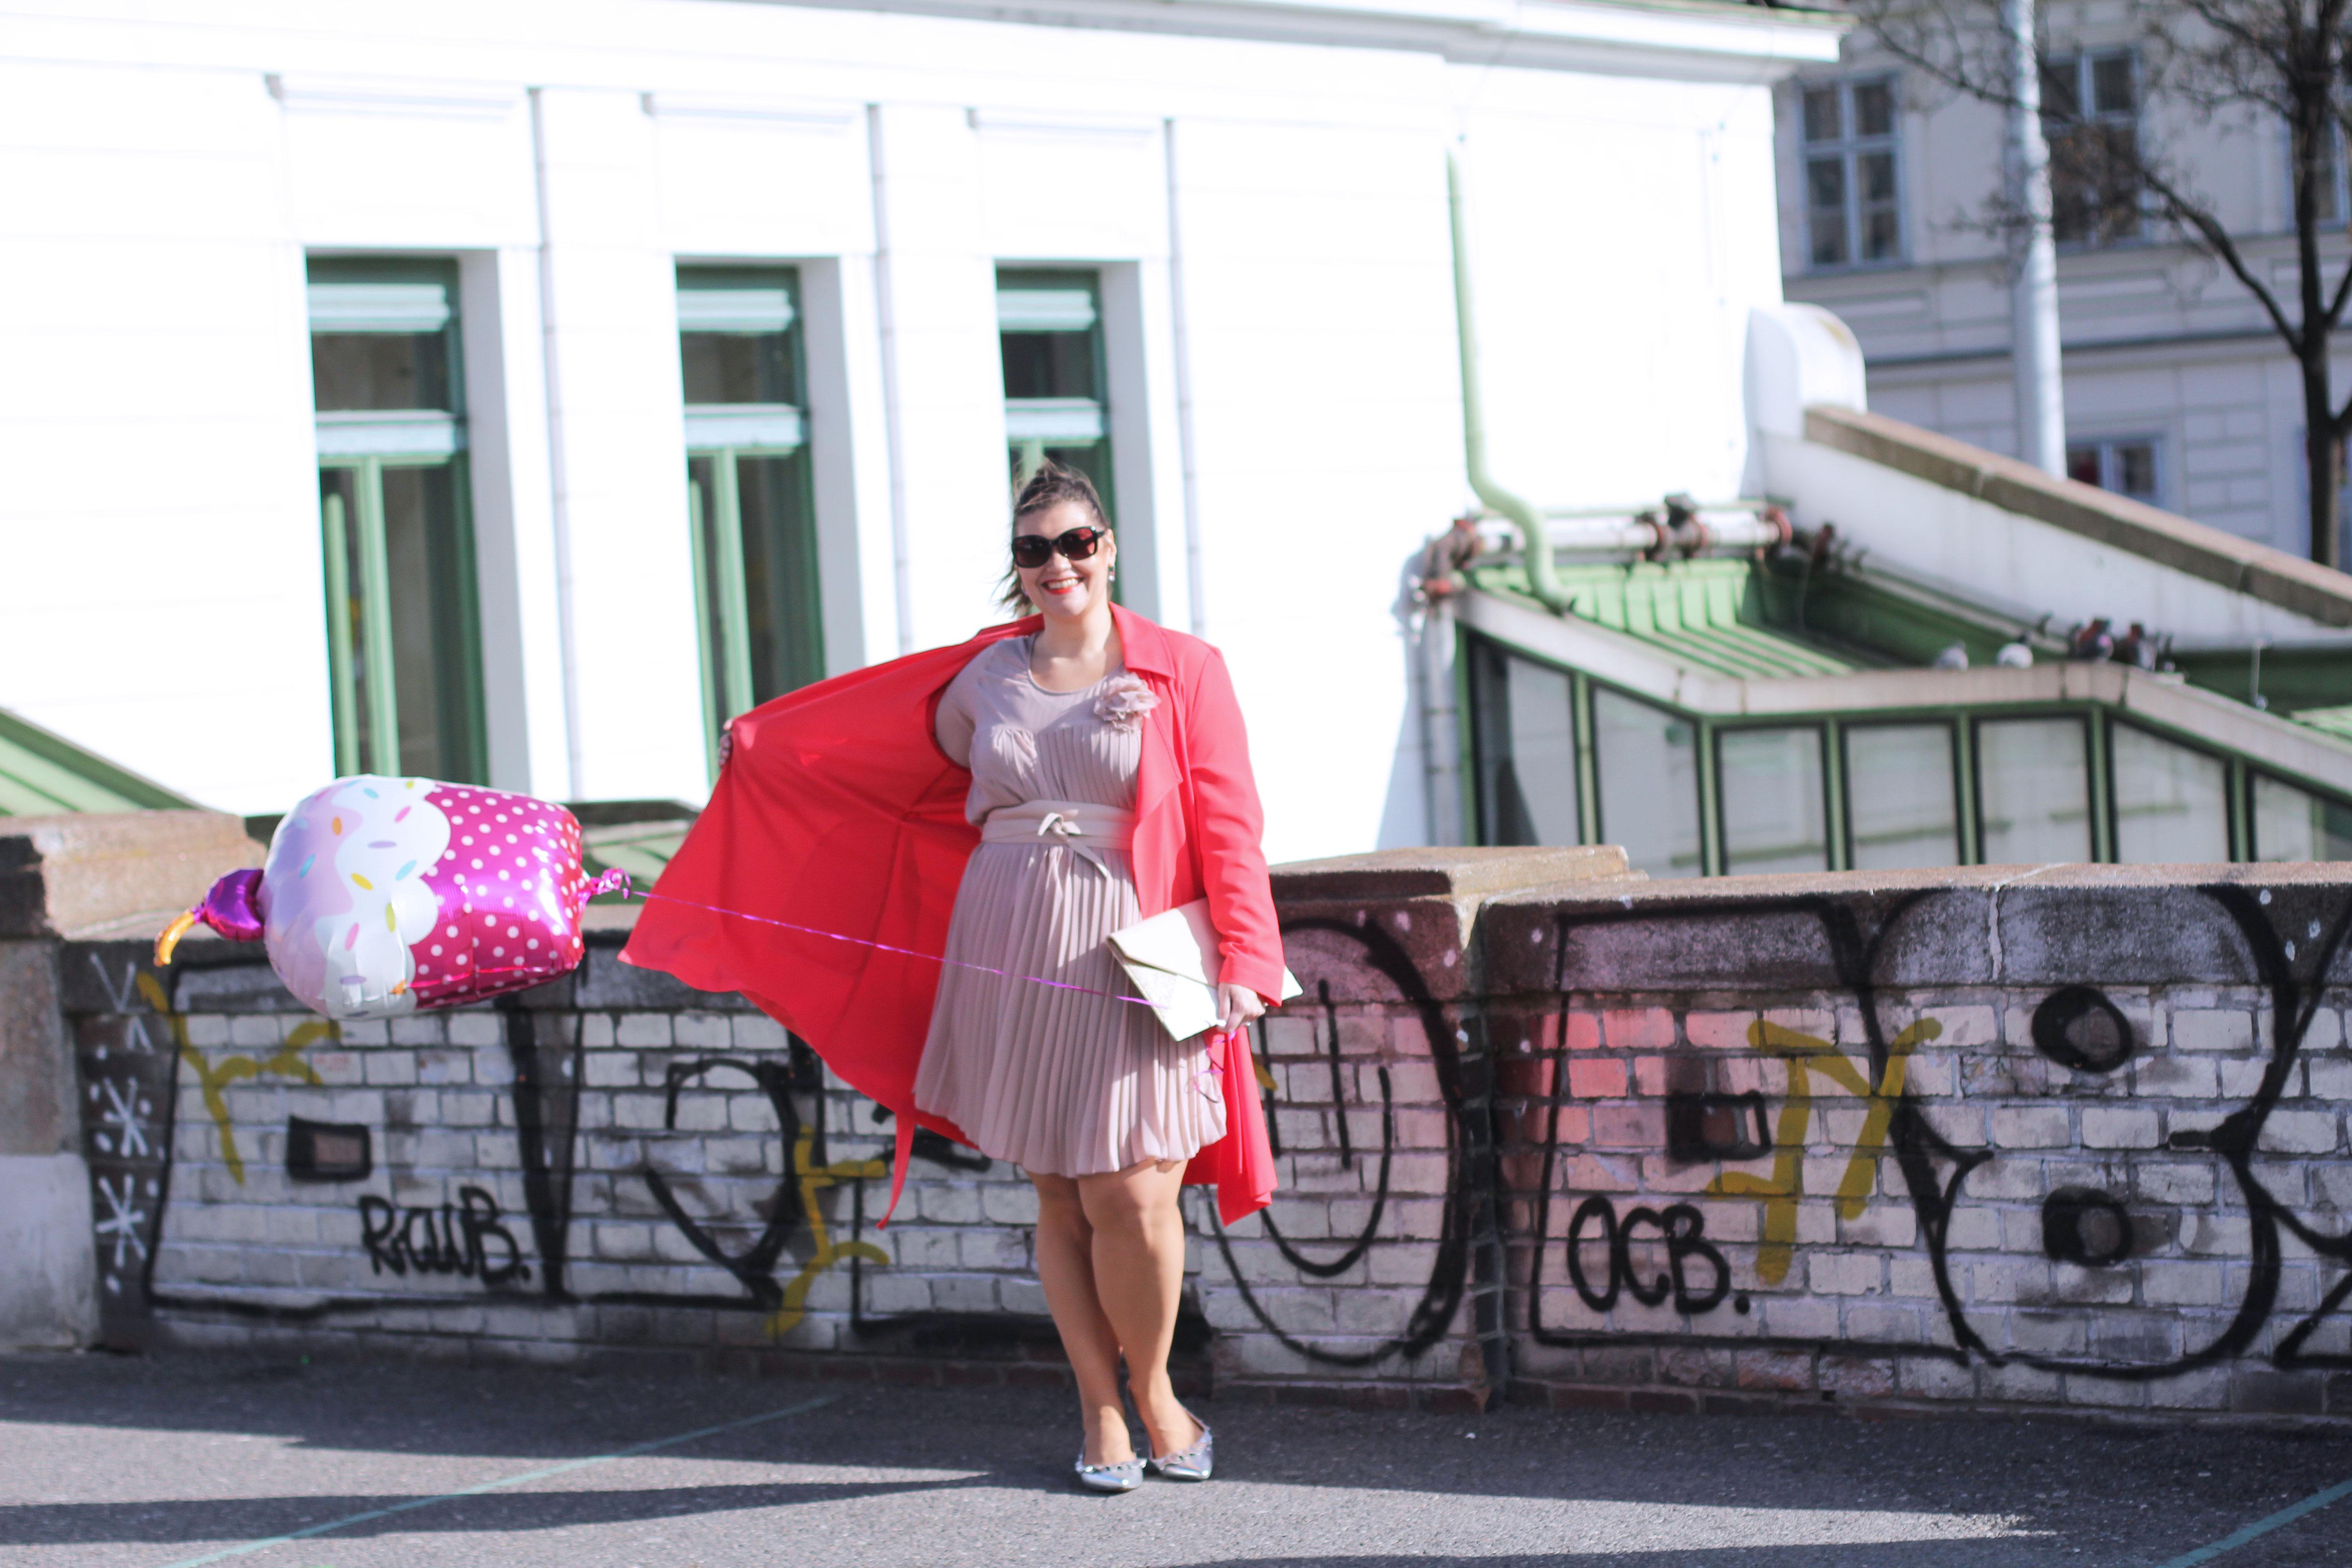 Volant-Metallic-Silber-Plissee-Kleid-Koralle-Trenchcoat-Grandios-Vienna-Plus-Size-Outfit-Look-Spring-Fashion-kardiaserena-cupcake-Plussize